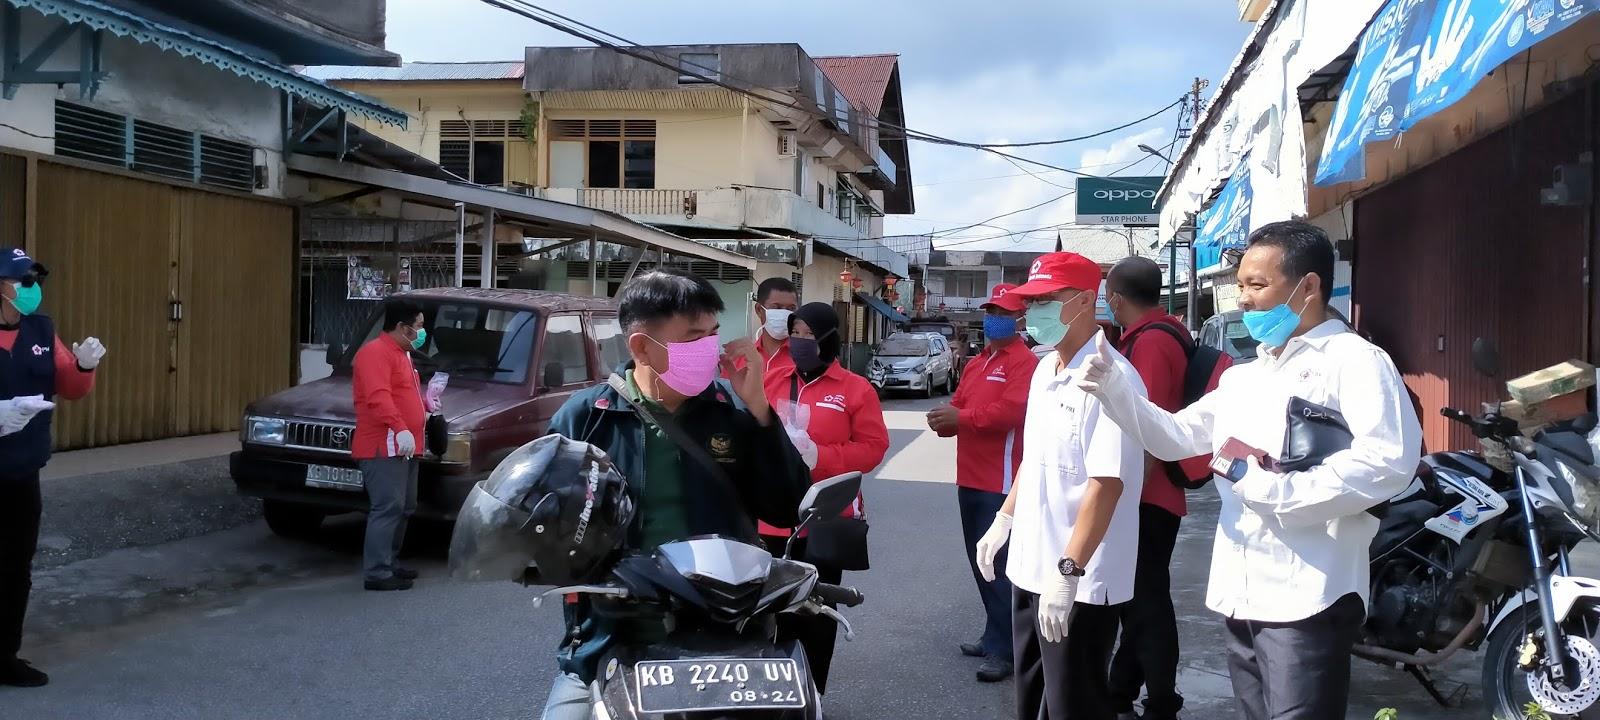 Sambil Bagi Masker PMI Sanggau Minta Masyarakat Patuhi Protokol Kesehatan Penanganan dan  Pencegahan Covid-19